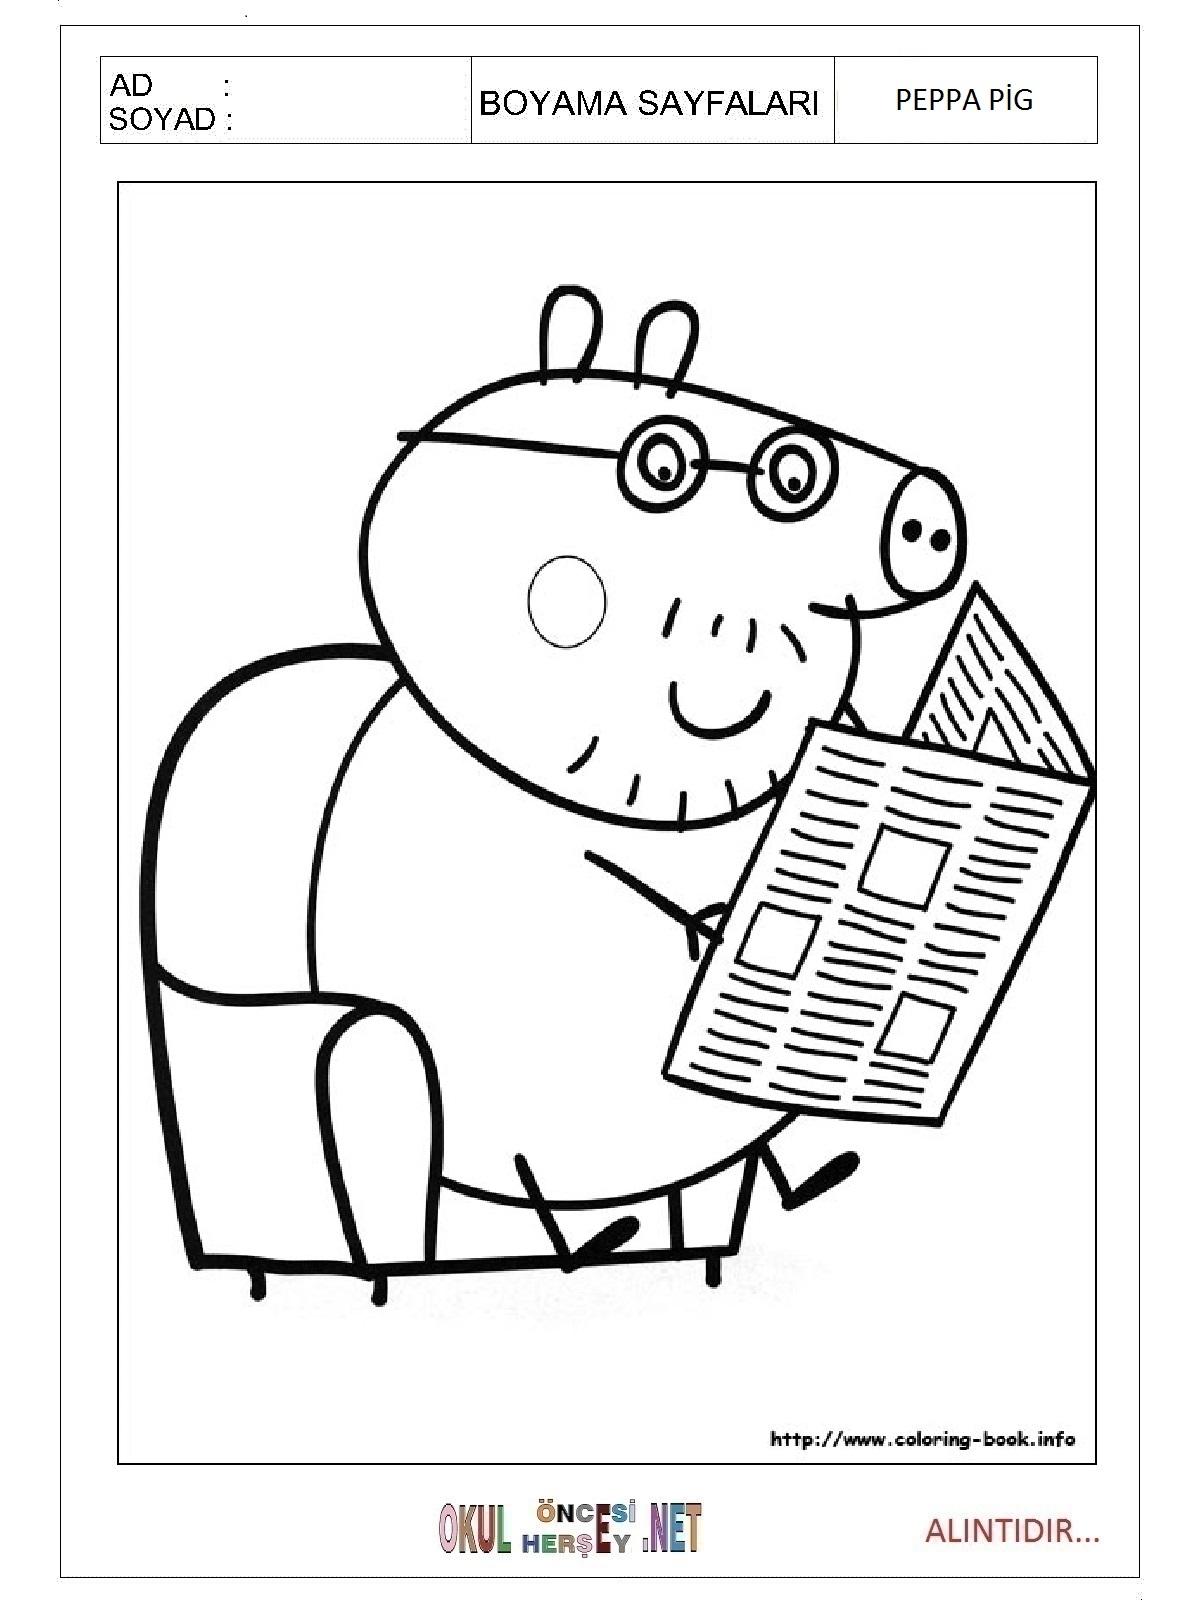 Peppa Pig Boyama Sayfalari